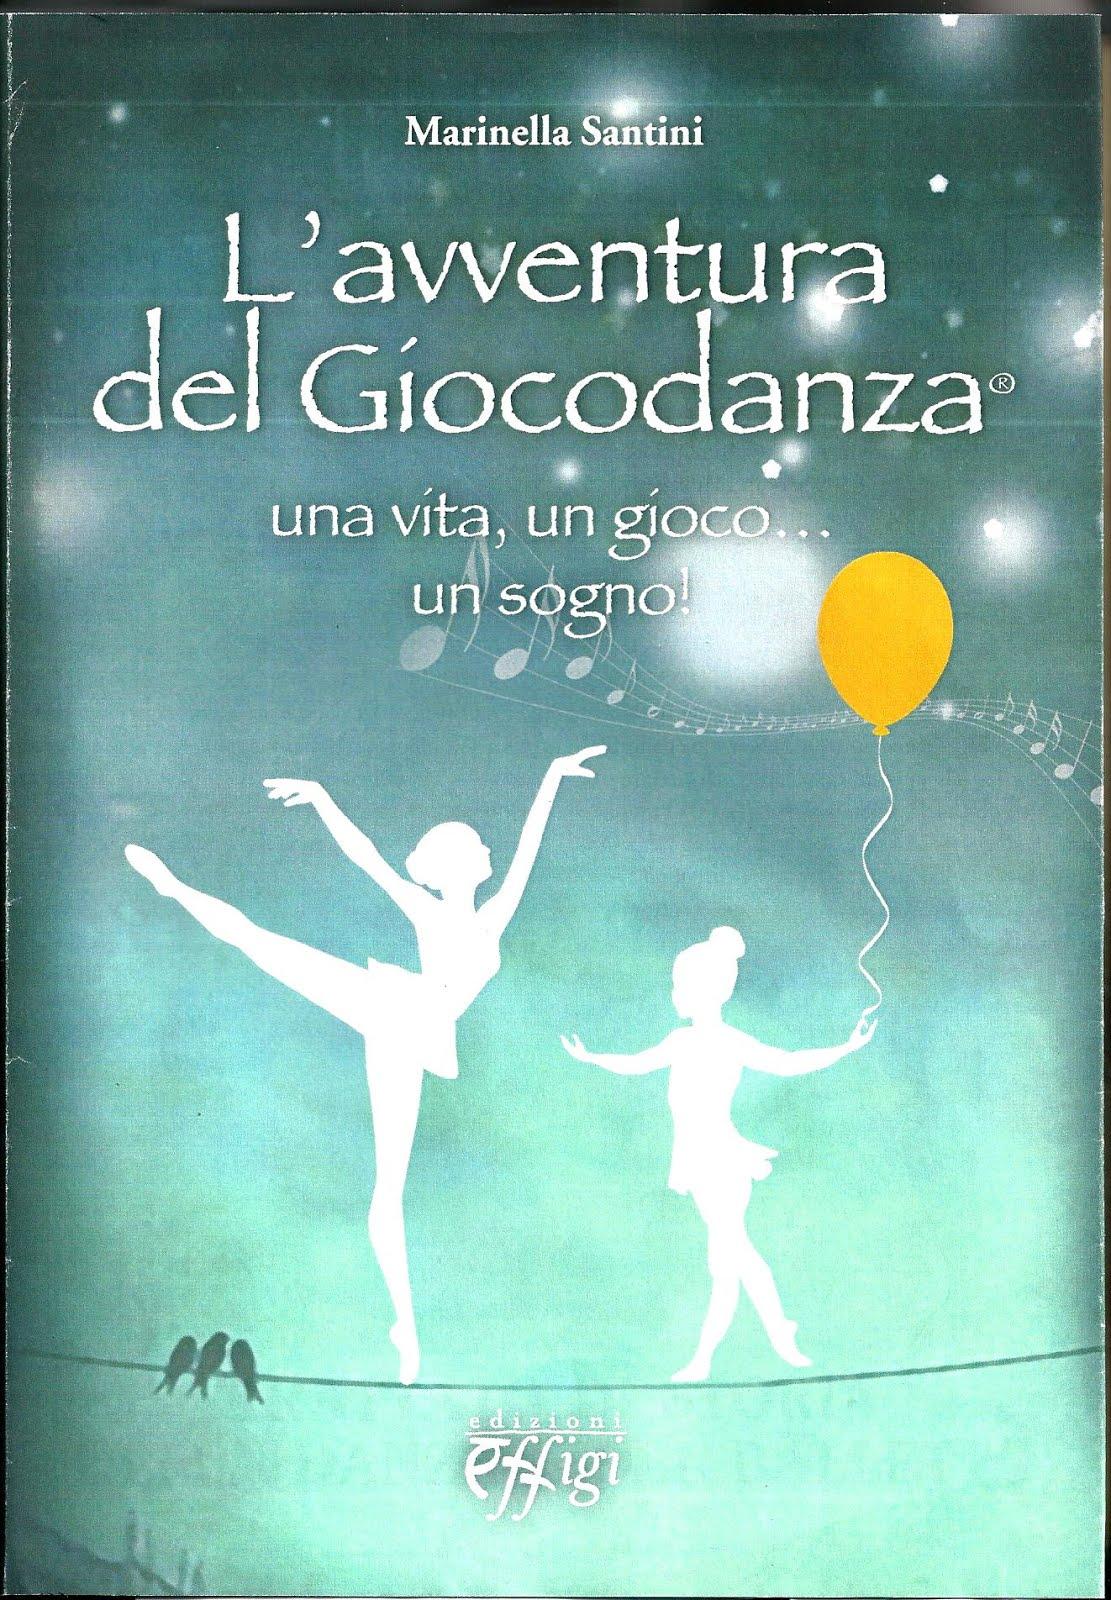 Il secondo libro di Marinella Santini